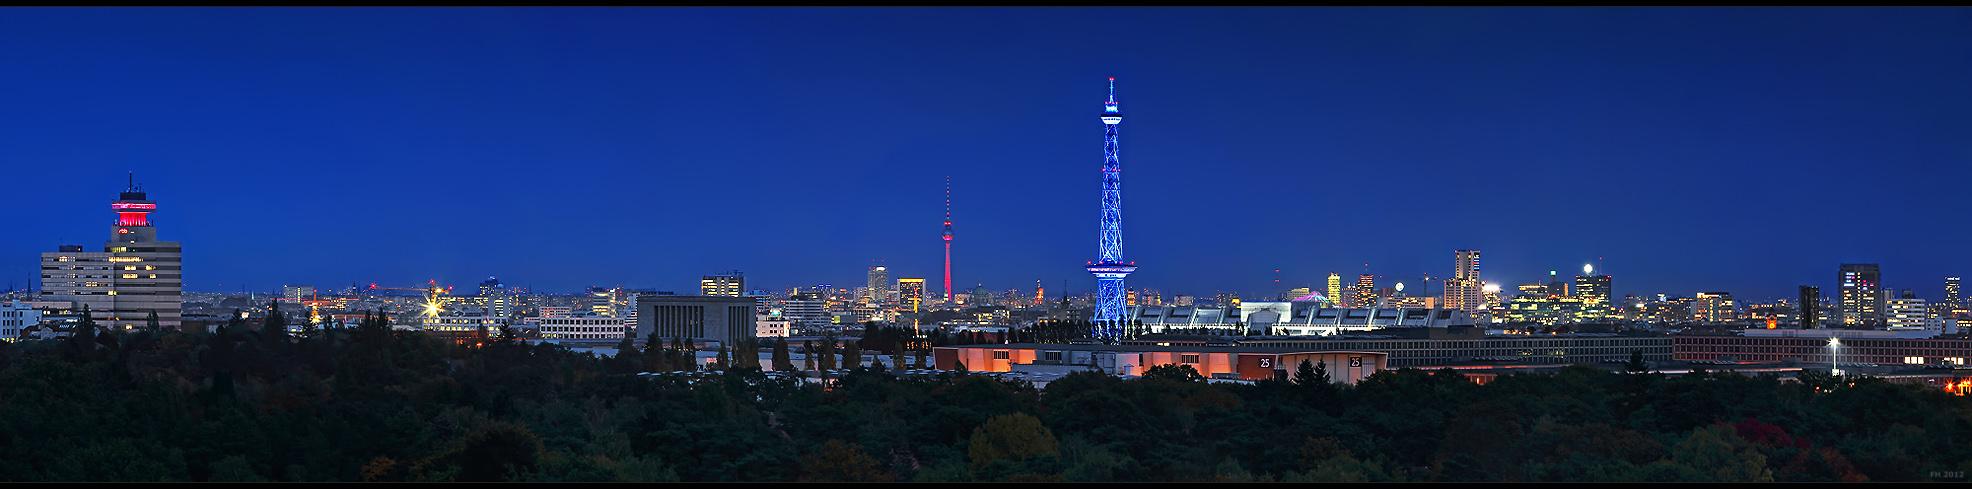 Skyline2012FoL_k.jpg